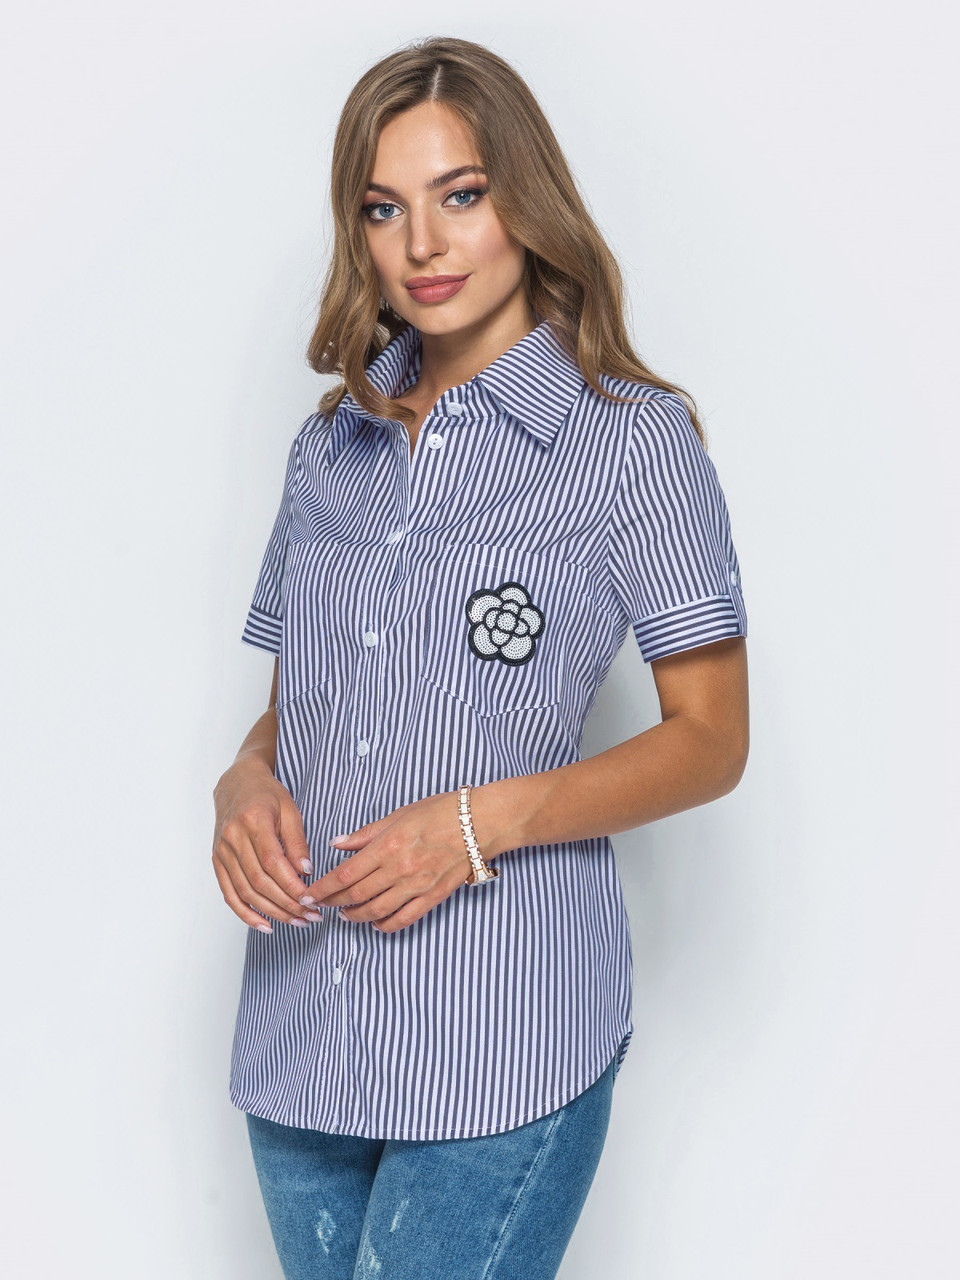 8d3081cfc3e Модная женская рубашка в полоску с короткими рукавами р.44